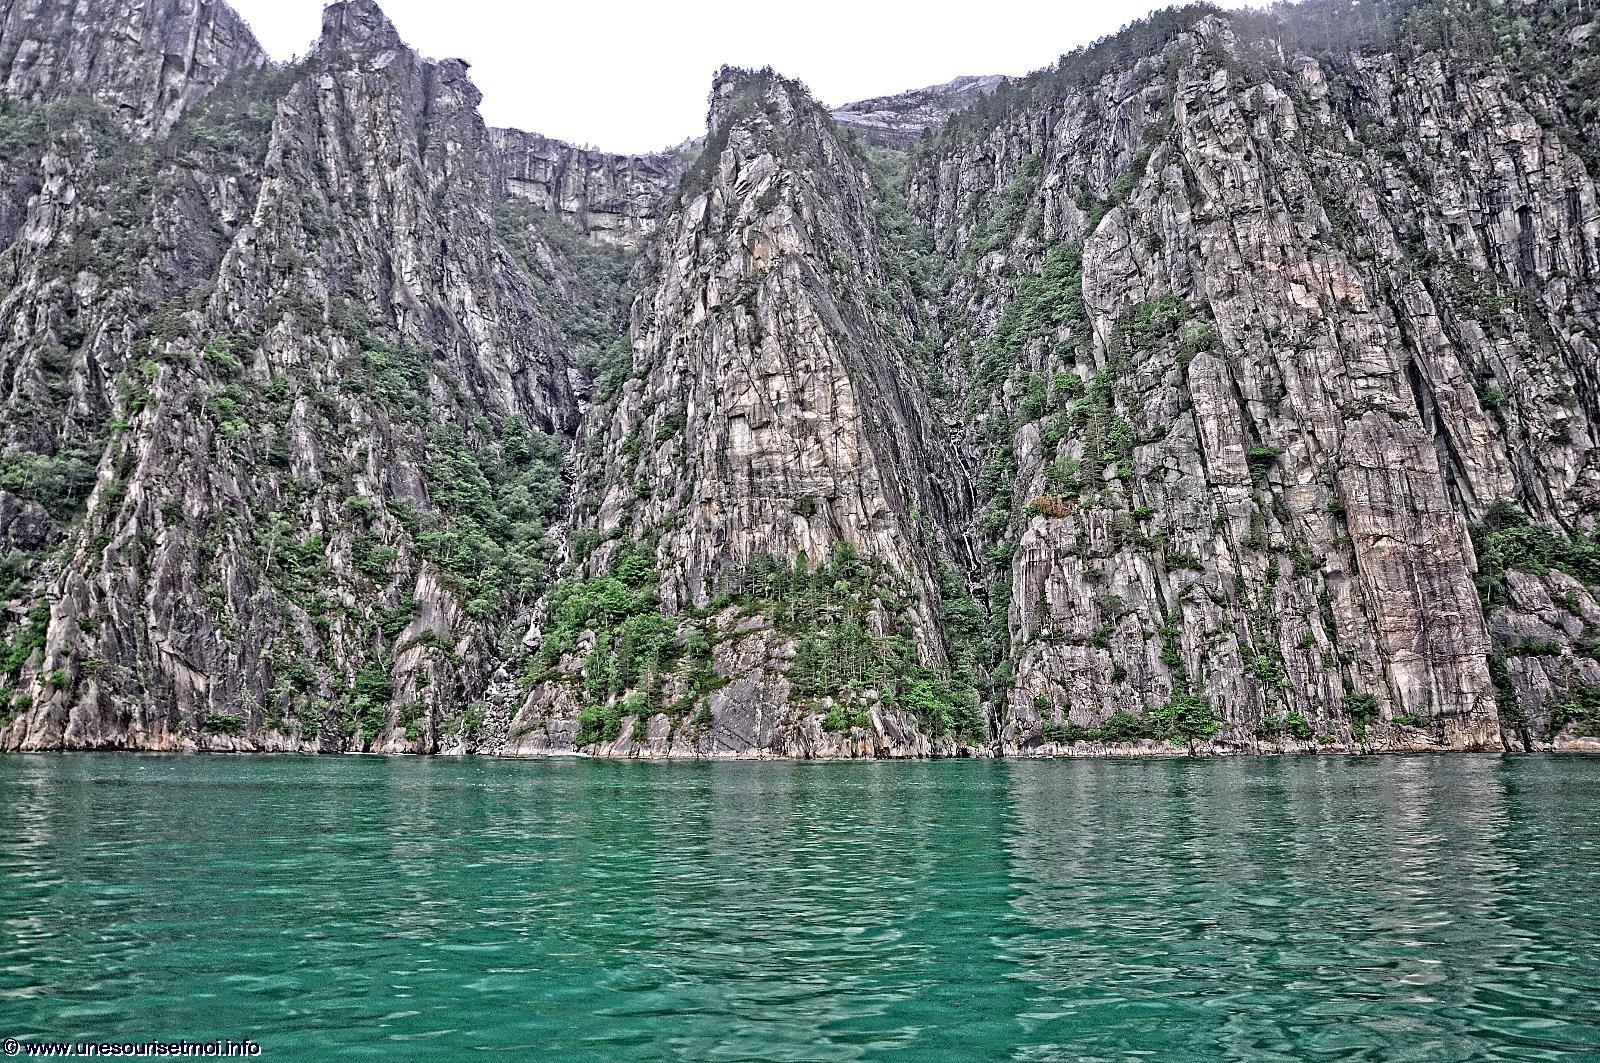 naviguer_le-long-des-falaises_dans-les-fjords_en-norvege